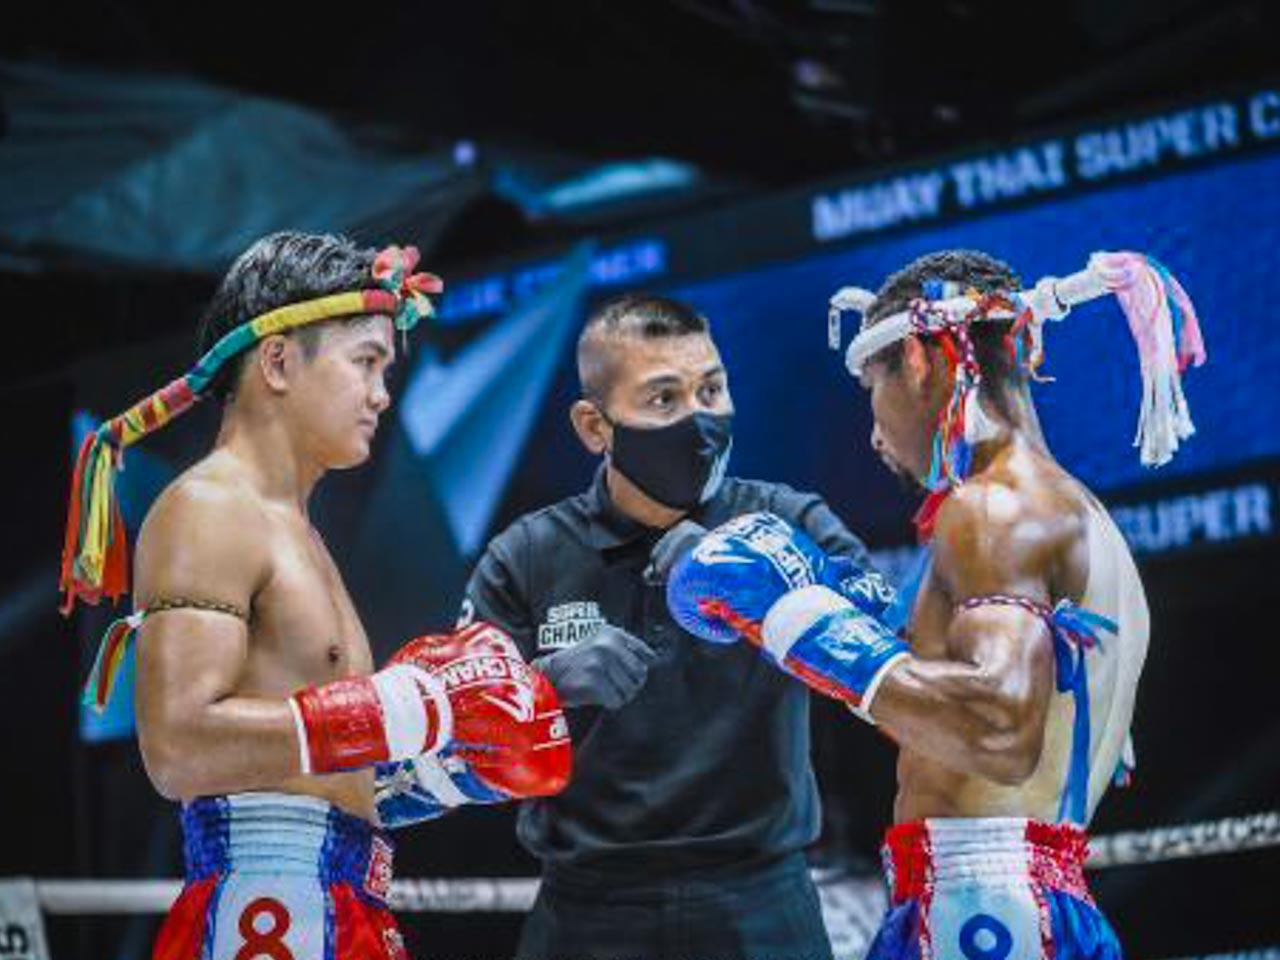 Entrevista com brasileiro ganha luta de muay thai na Tailândia